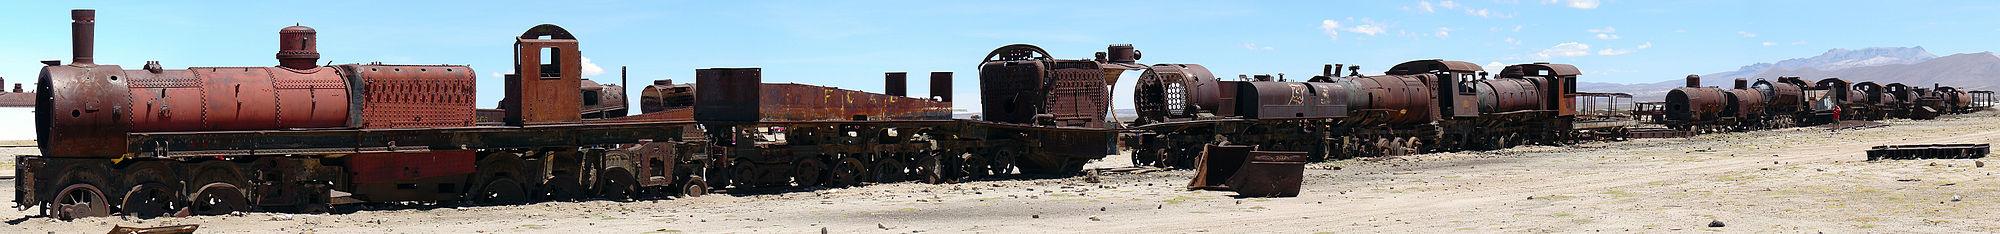 Uyuni Décembre 2007 - Cimetière de Trains 1.jpg